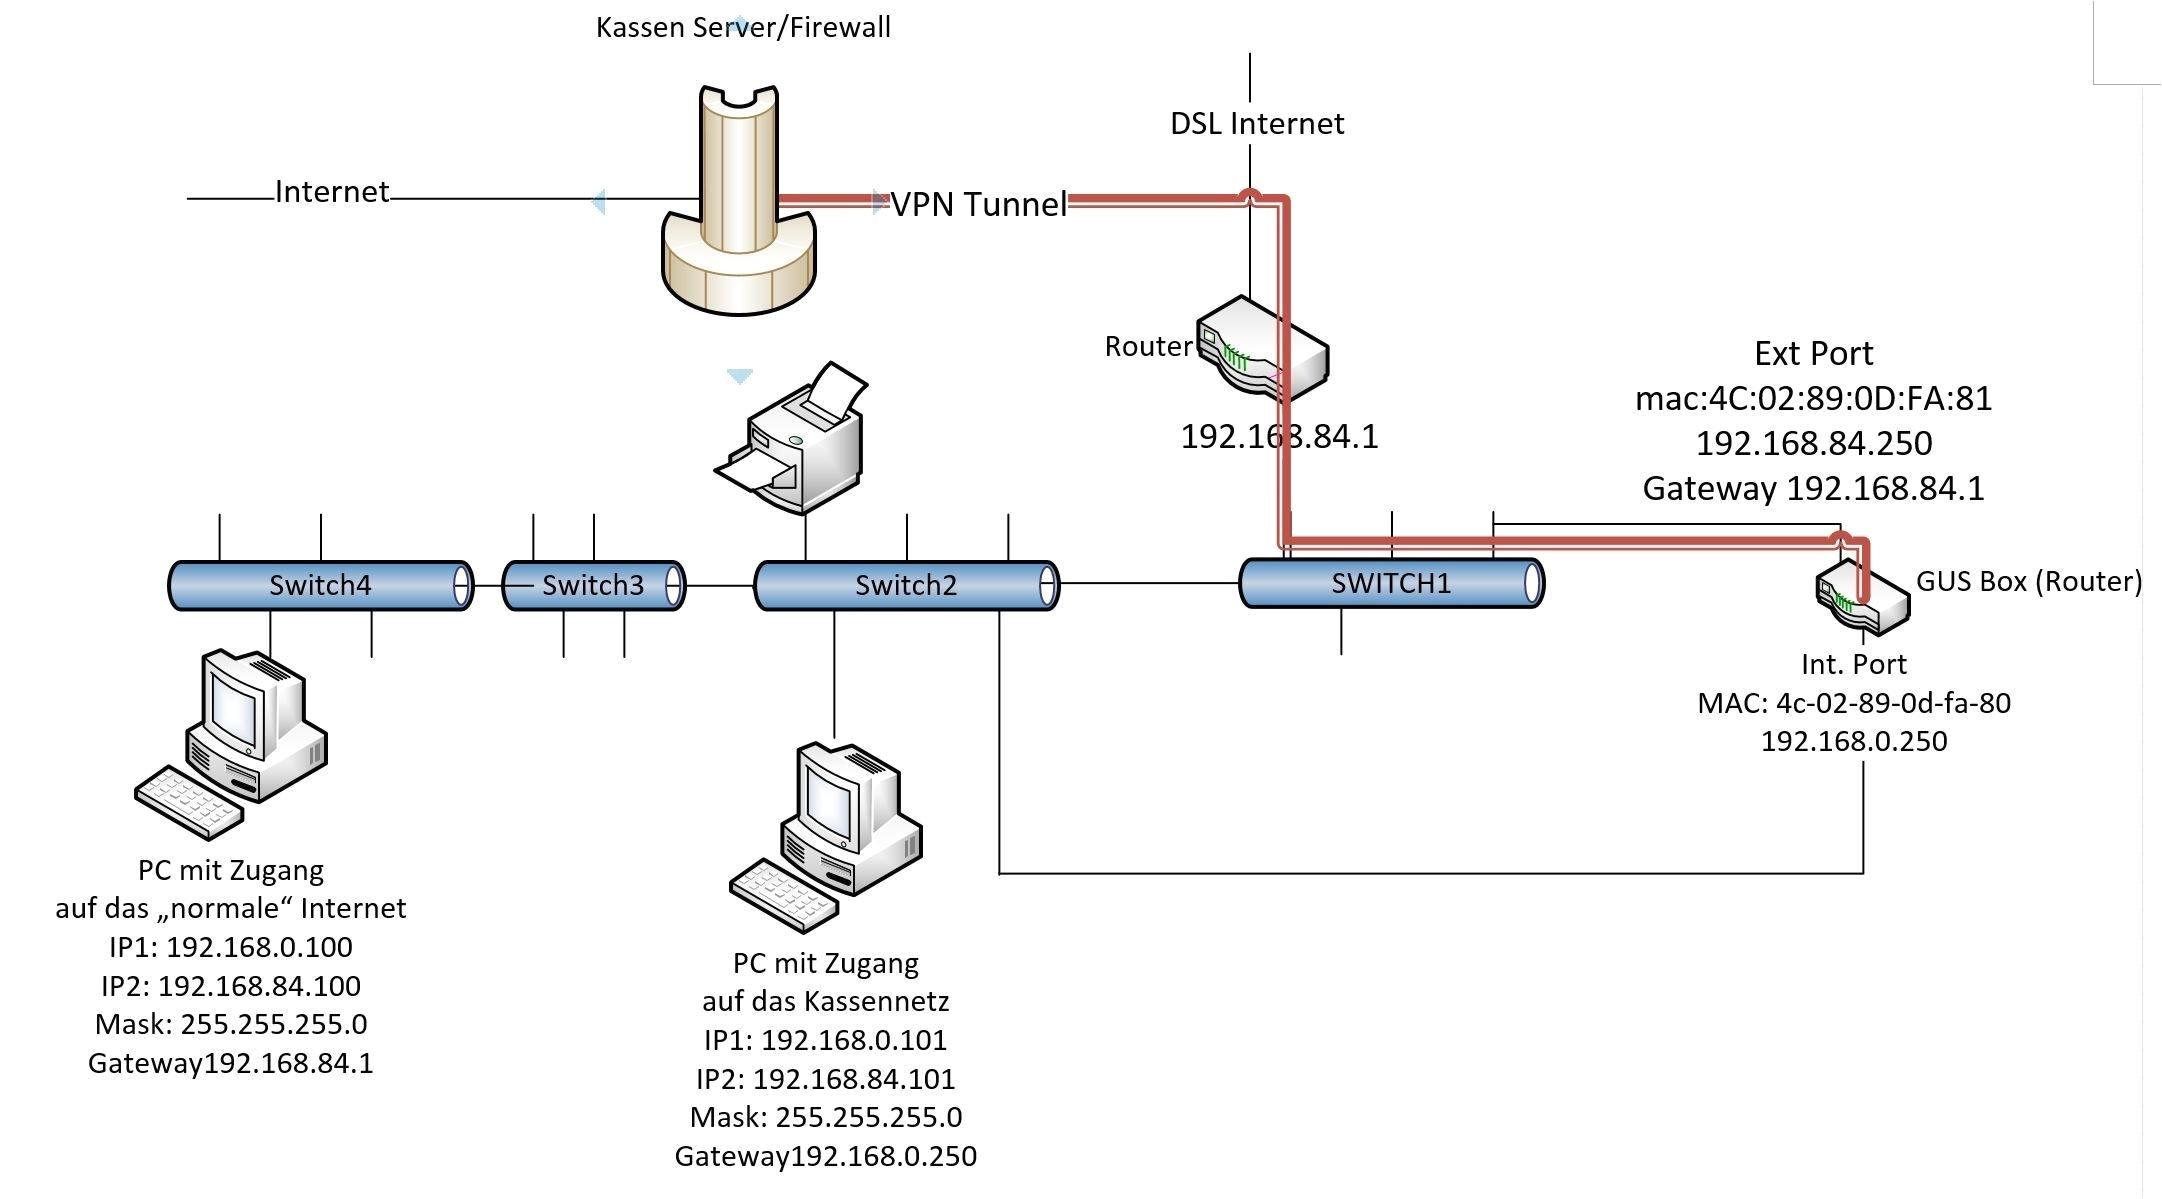 guitar wiring diagram editor wiring diagram paper best guitar wiring diagram wiring diagrams lol guitar wiring